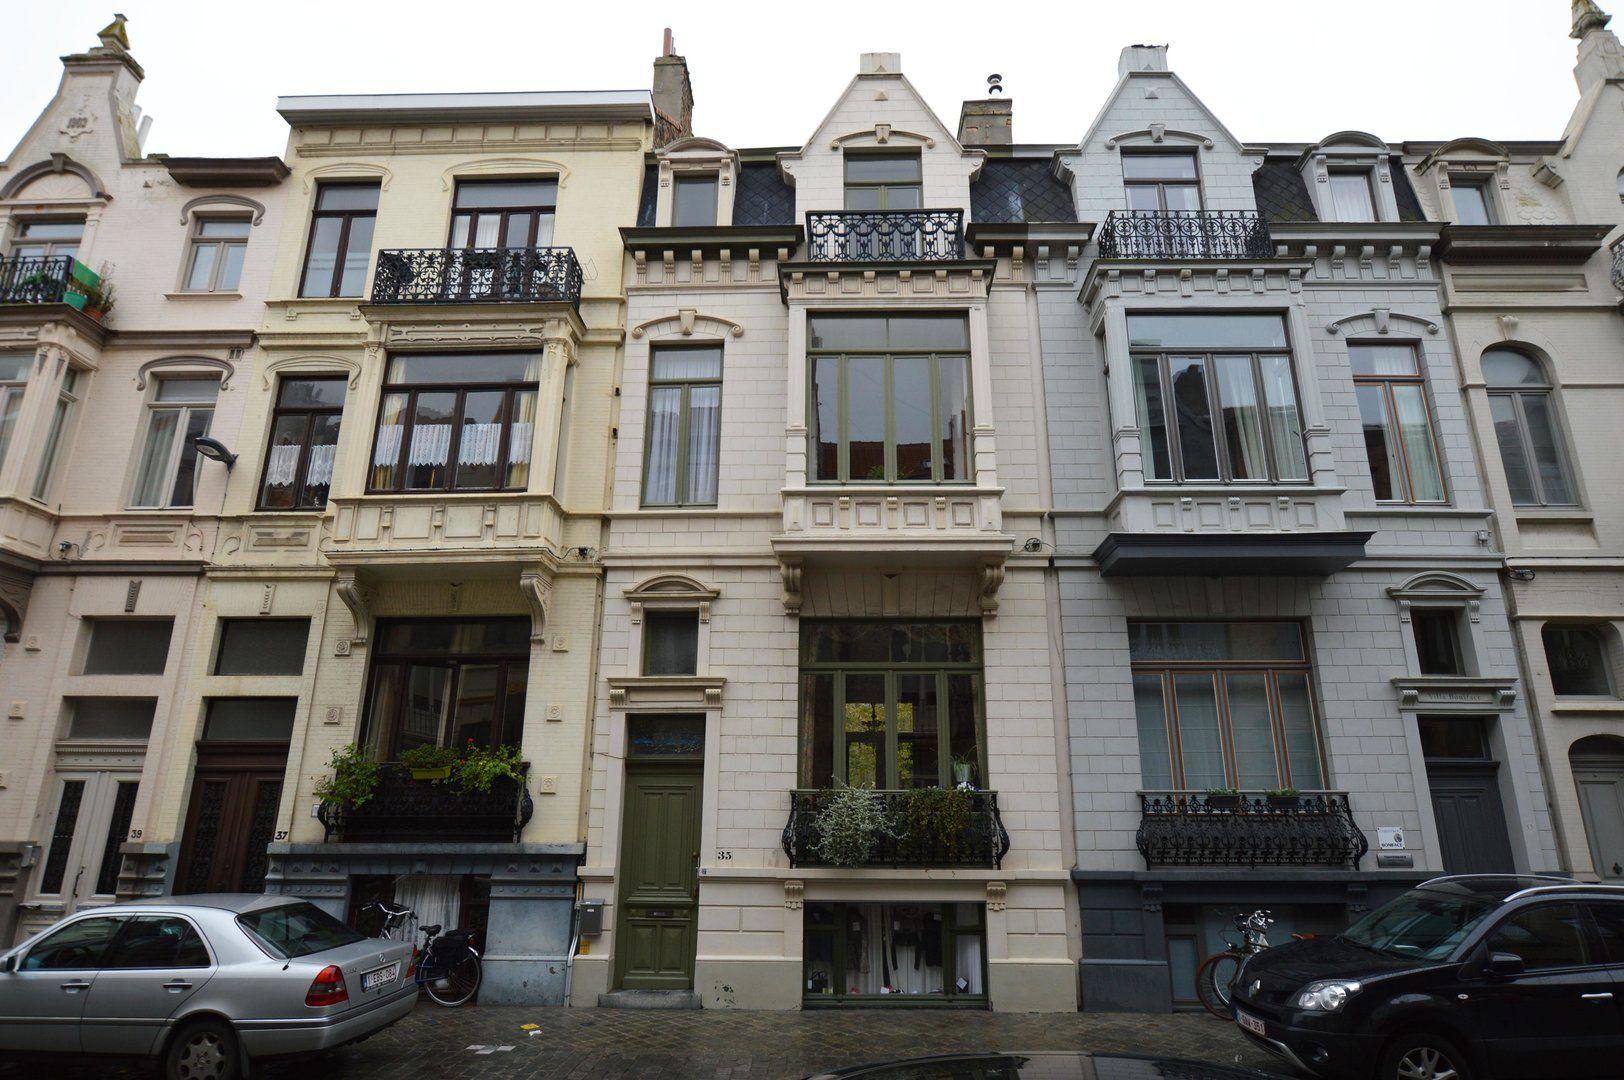 huis te koop peter benoitstraat 35 8400 oostende op realo